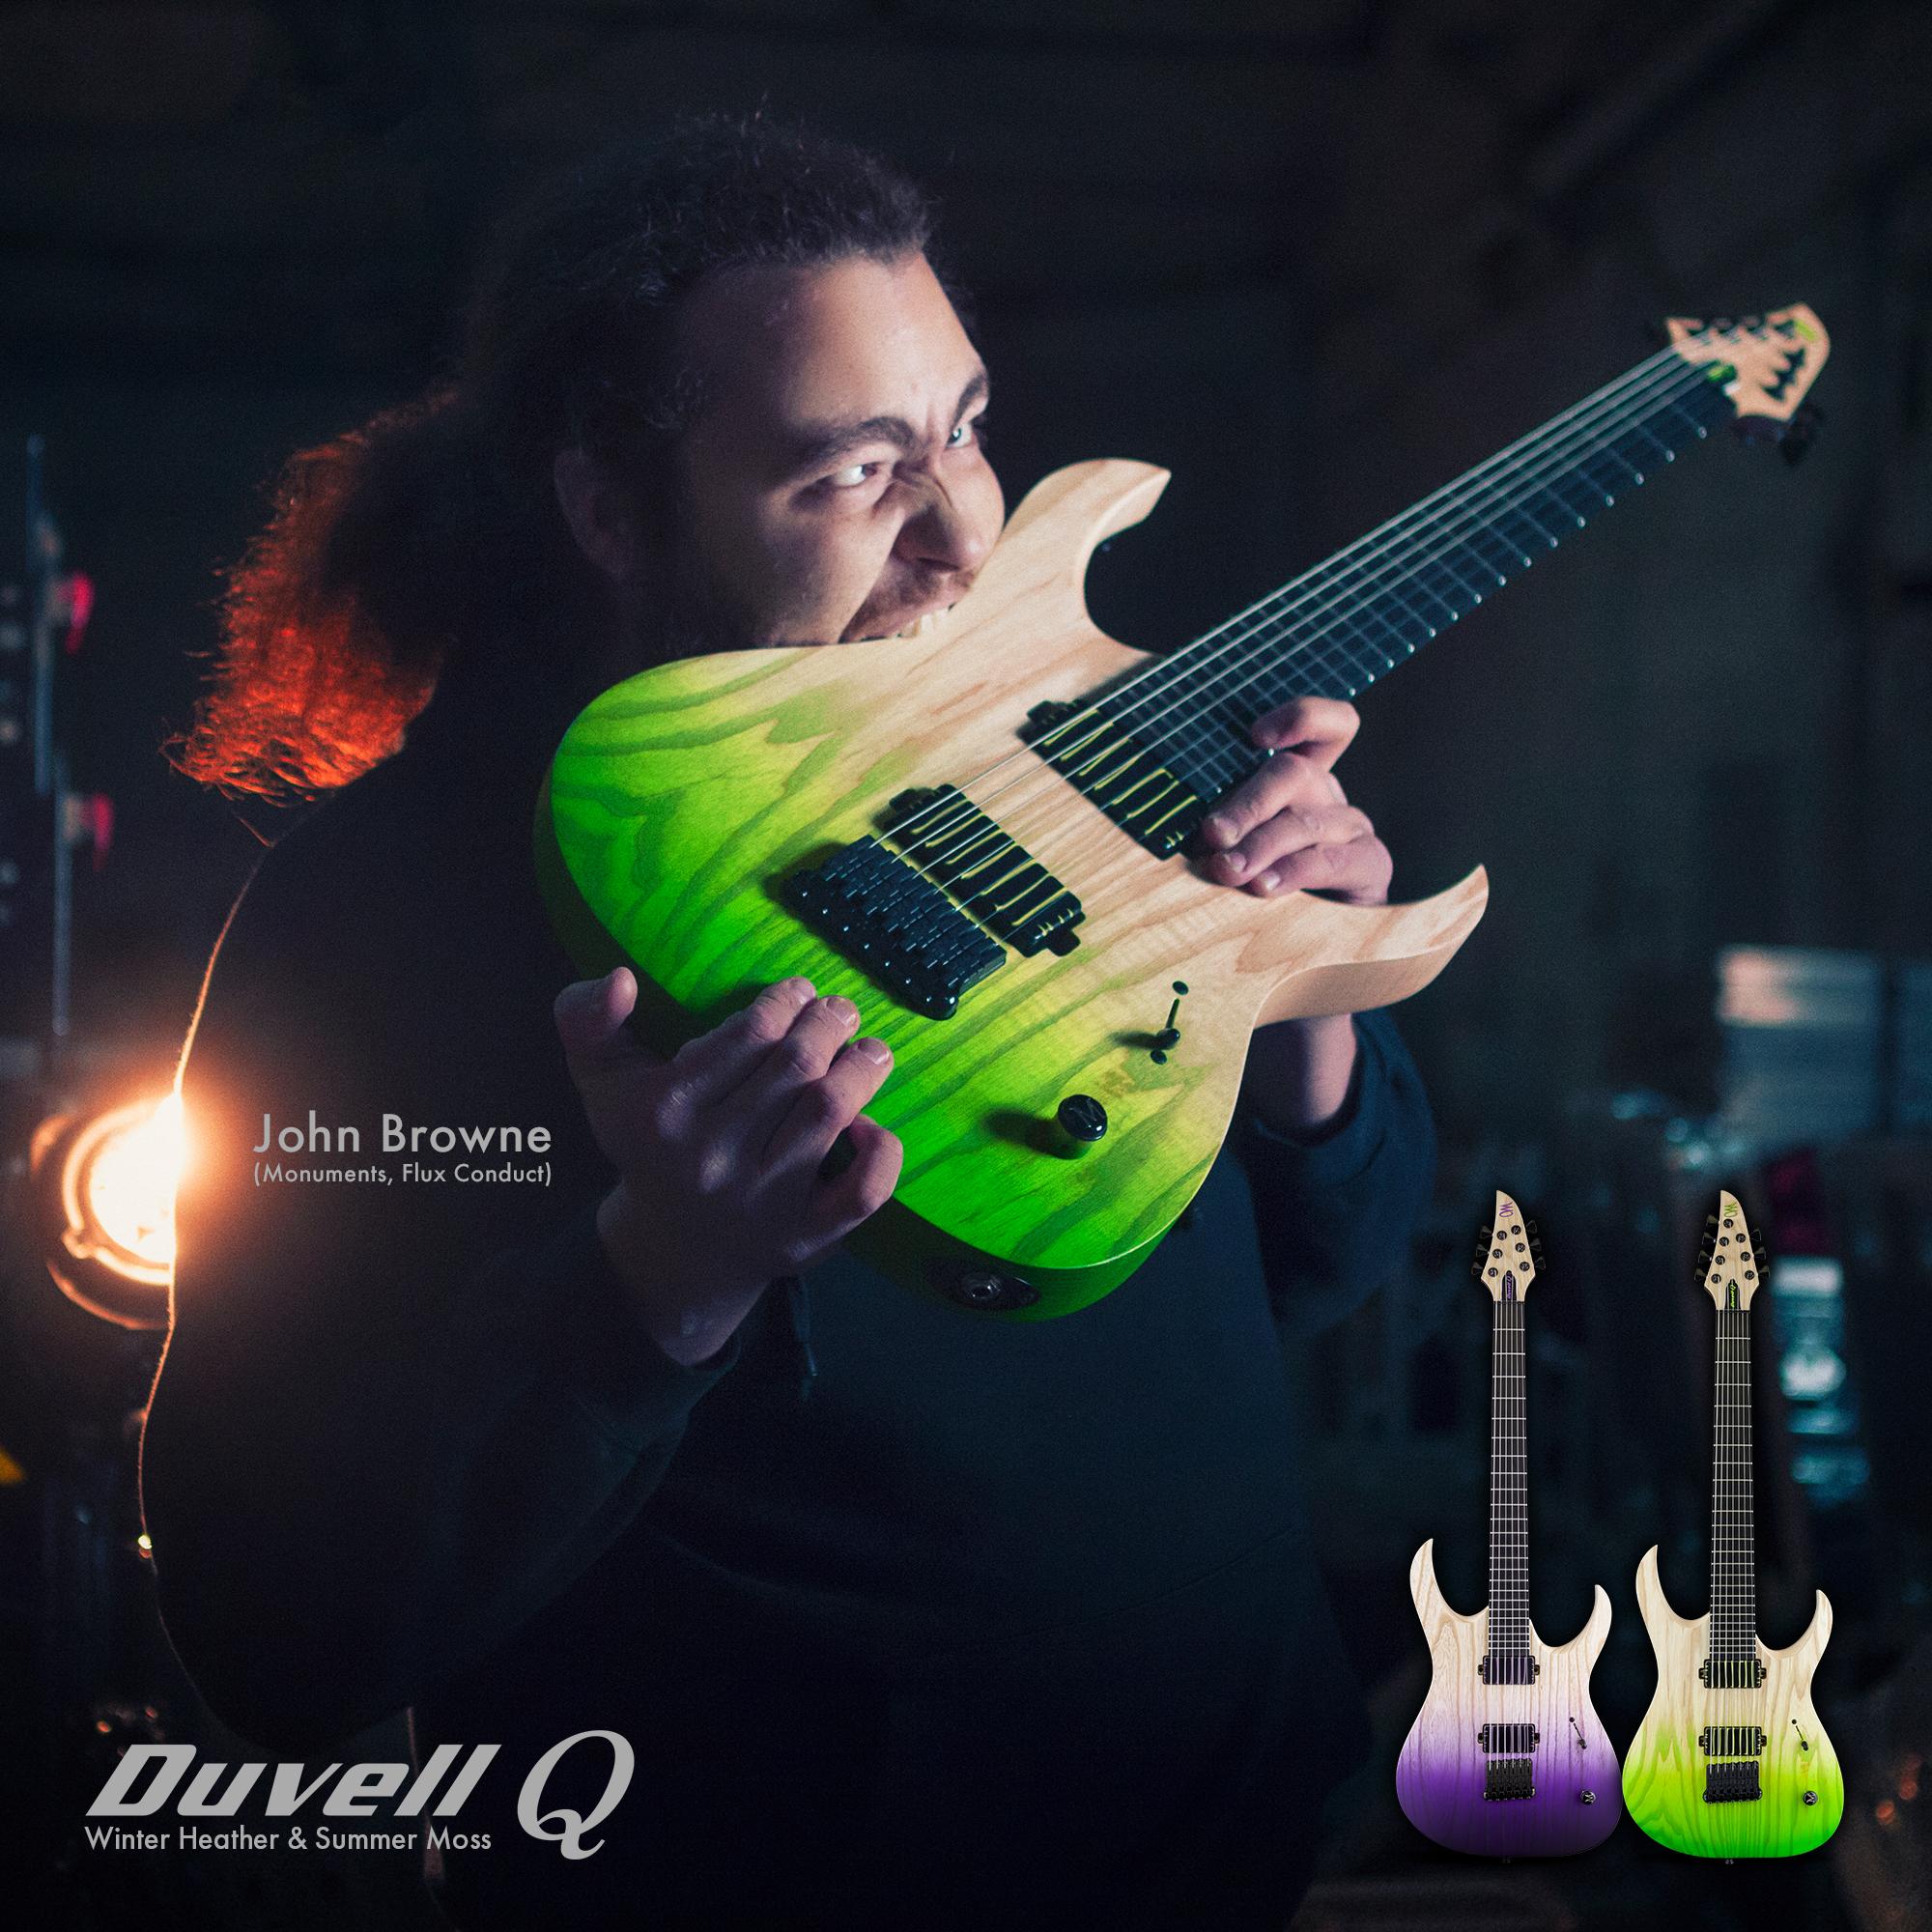 Duvell Q – New John Browne Signature Series Guitars